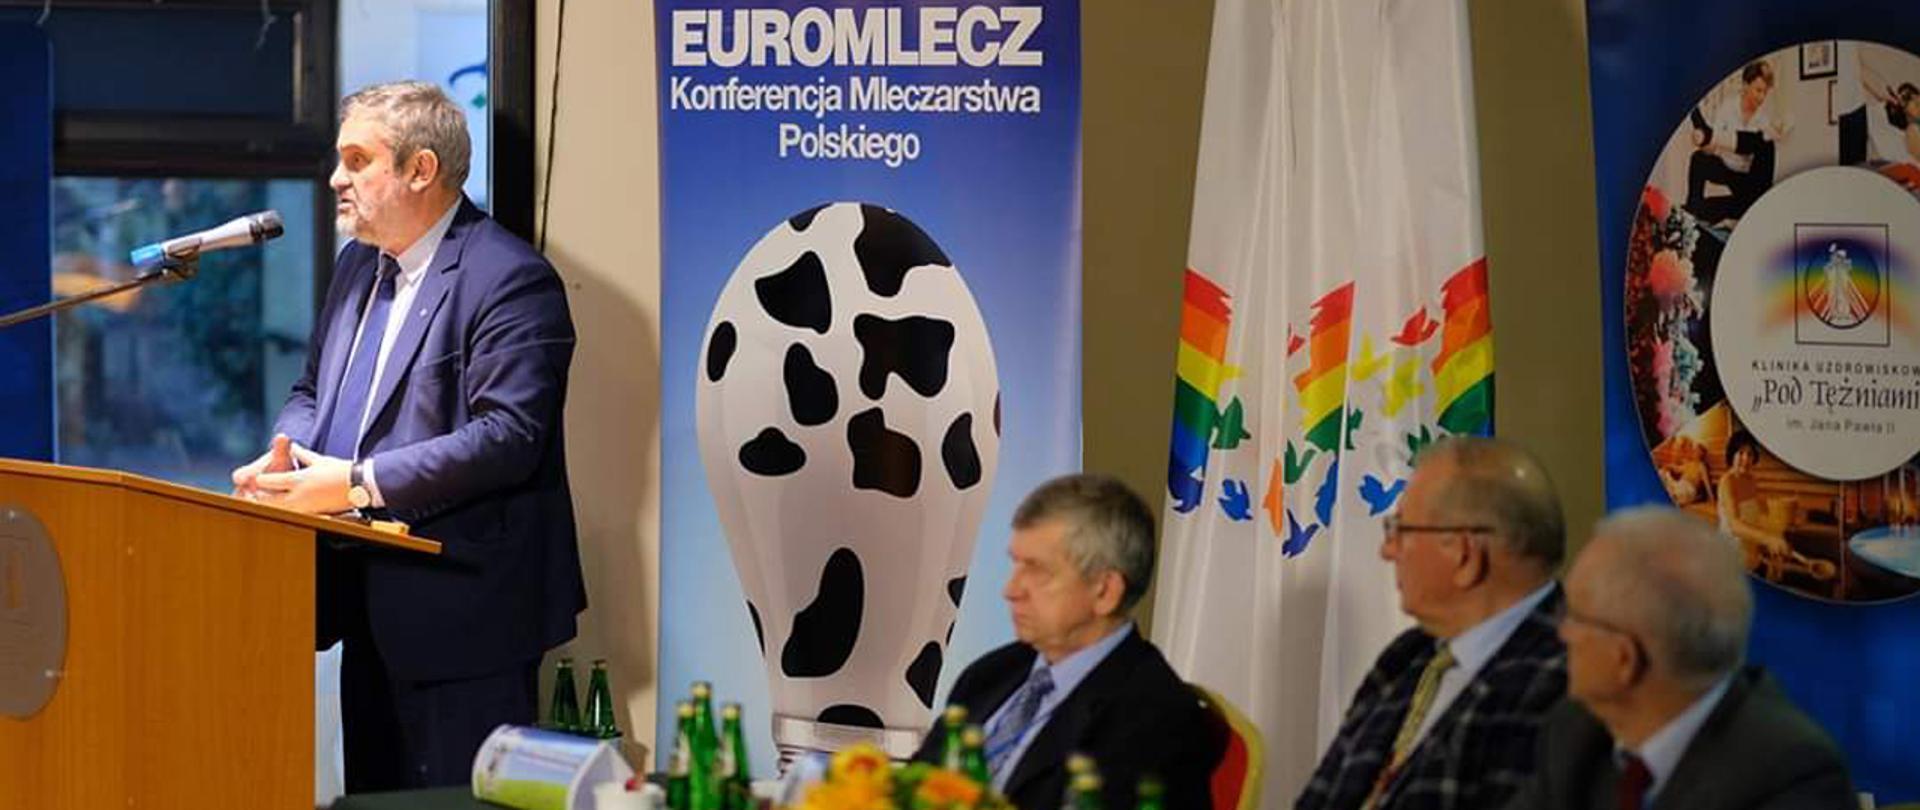 Konferencja Mleczarstwa Polskiego